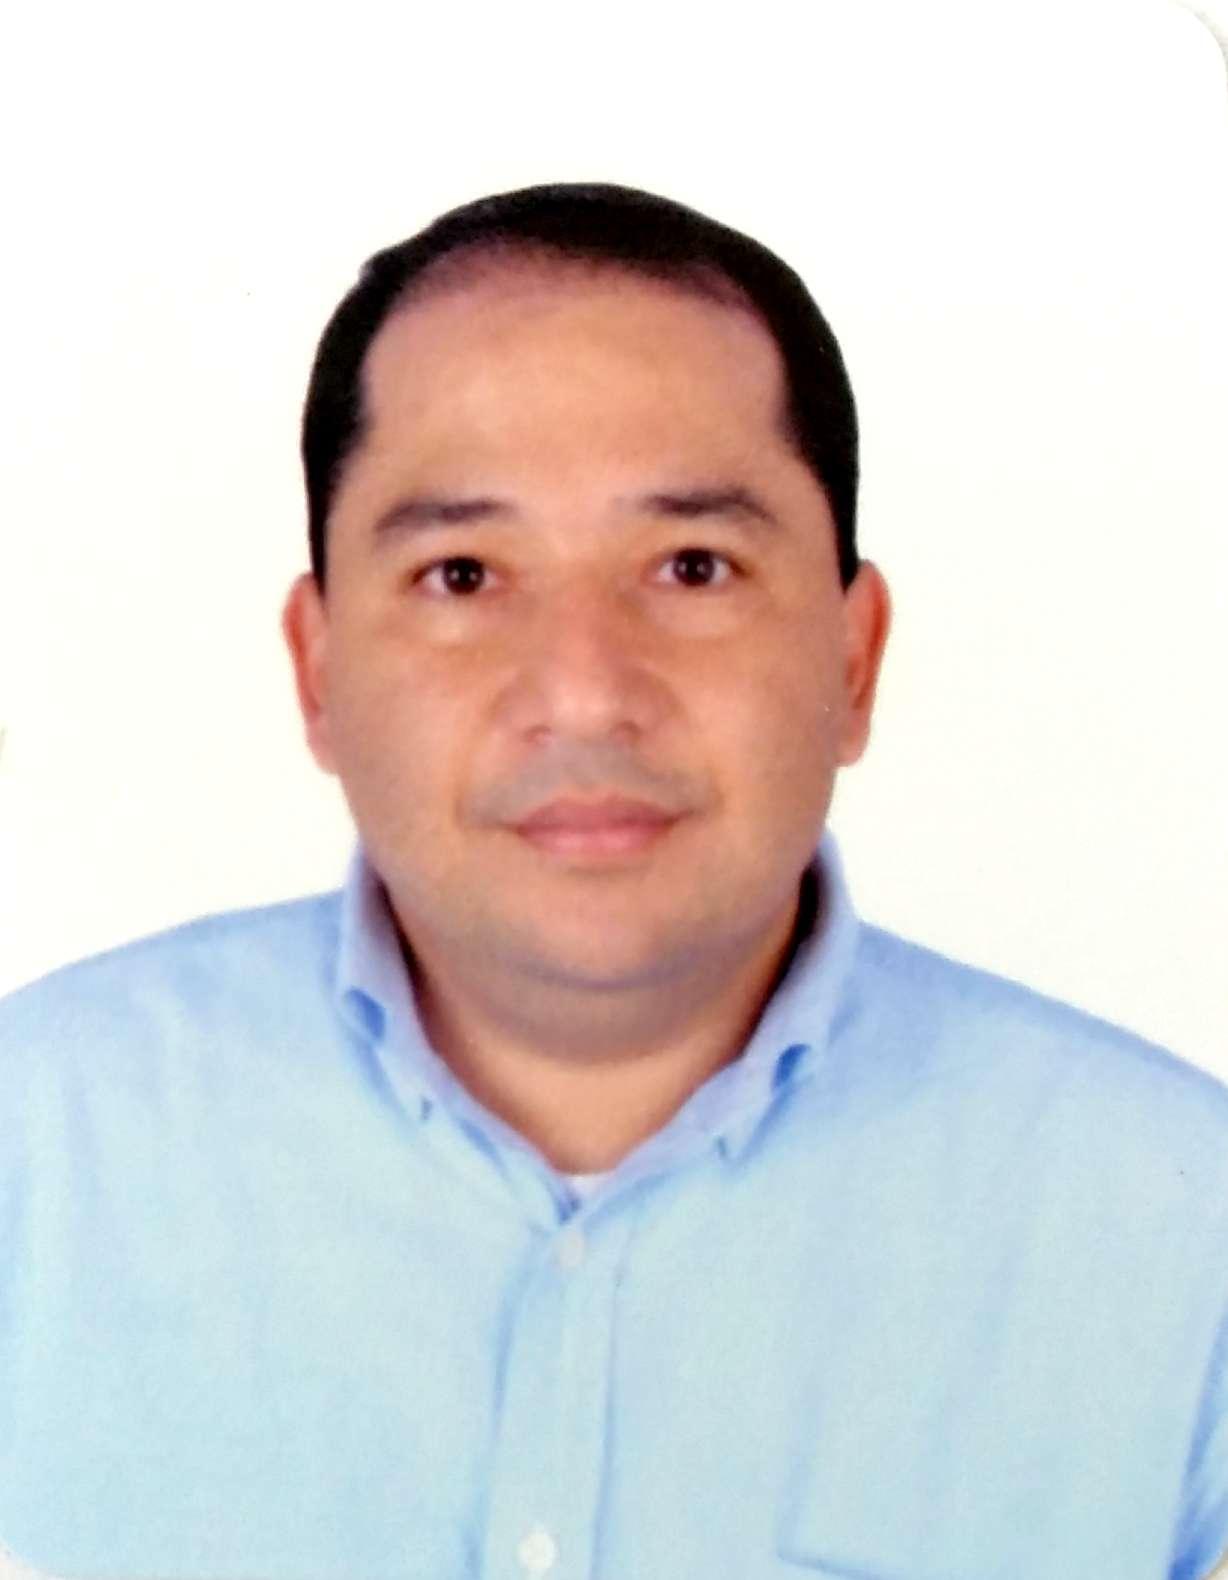 FOTO DR. ARDILA EN FONDO BLANCO